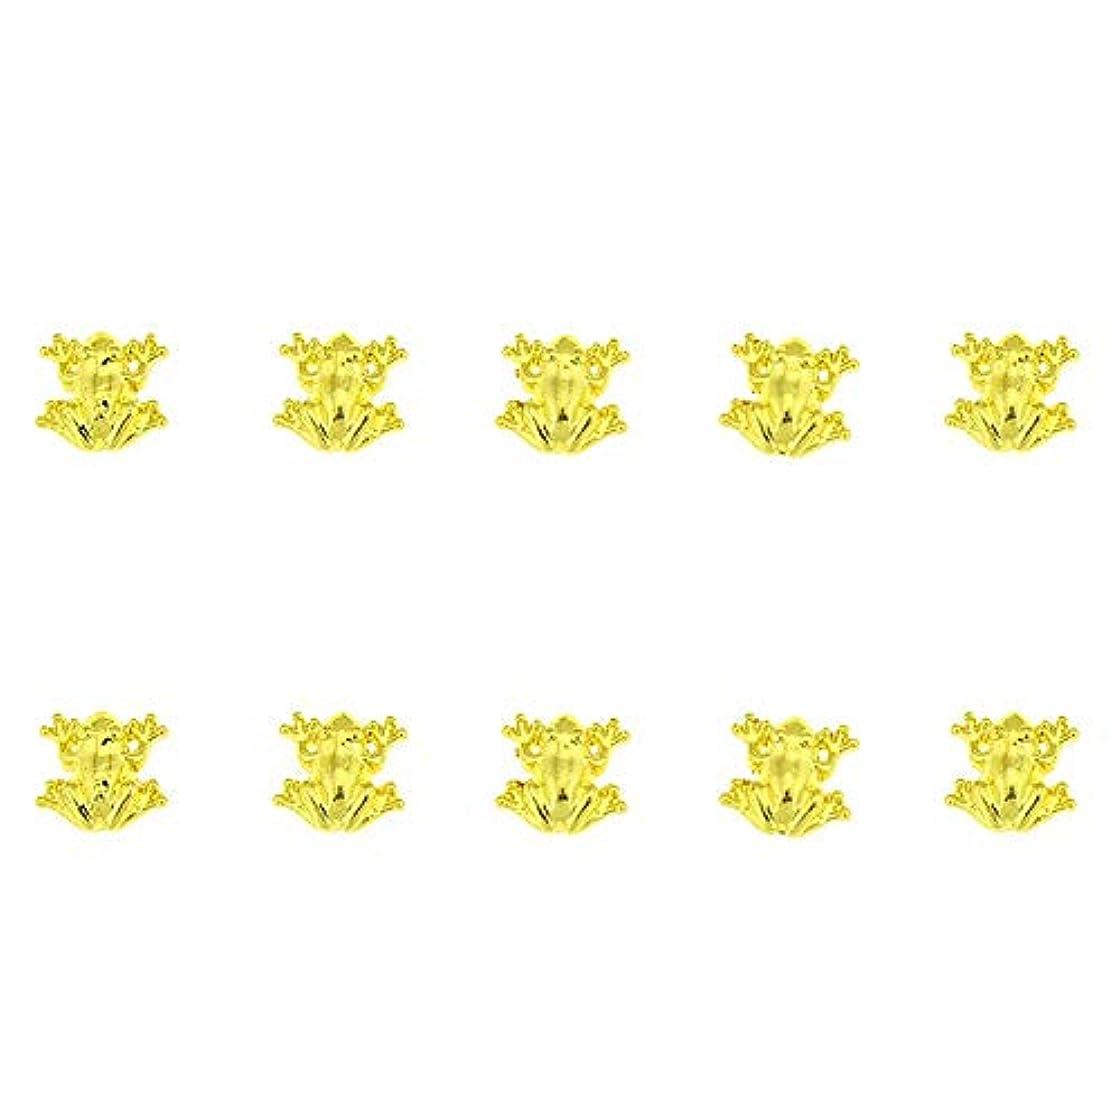 急行する結紮可塑性10個/ロット3D 10ミリメートル* 10ミリメートルネイルアート美容ゴールデンフロッグデザインメタルネイルアートの装飾用品